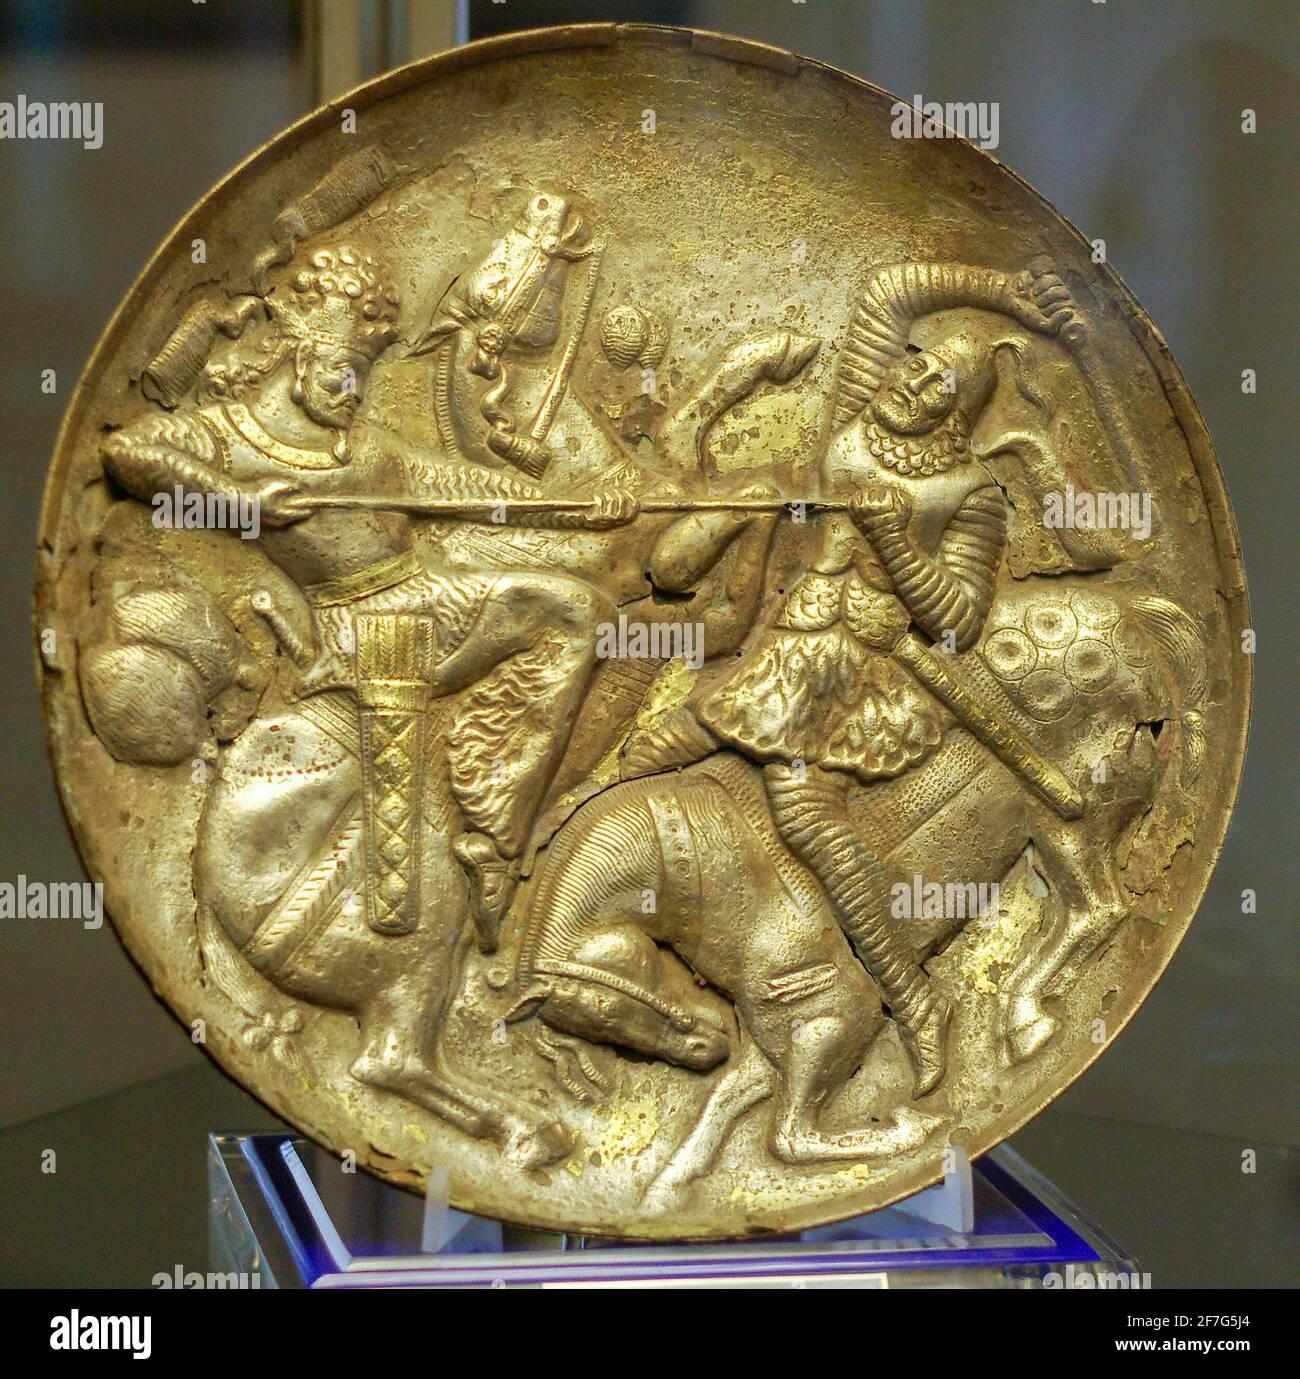 Plat en argent sasanien plaqué or représentant le roi combattant un adversaire, musée de Tabriz, Iran. Banque D'Images